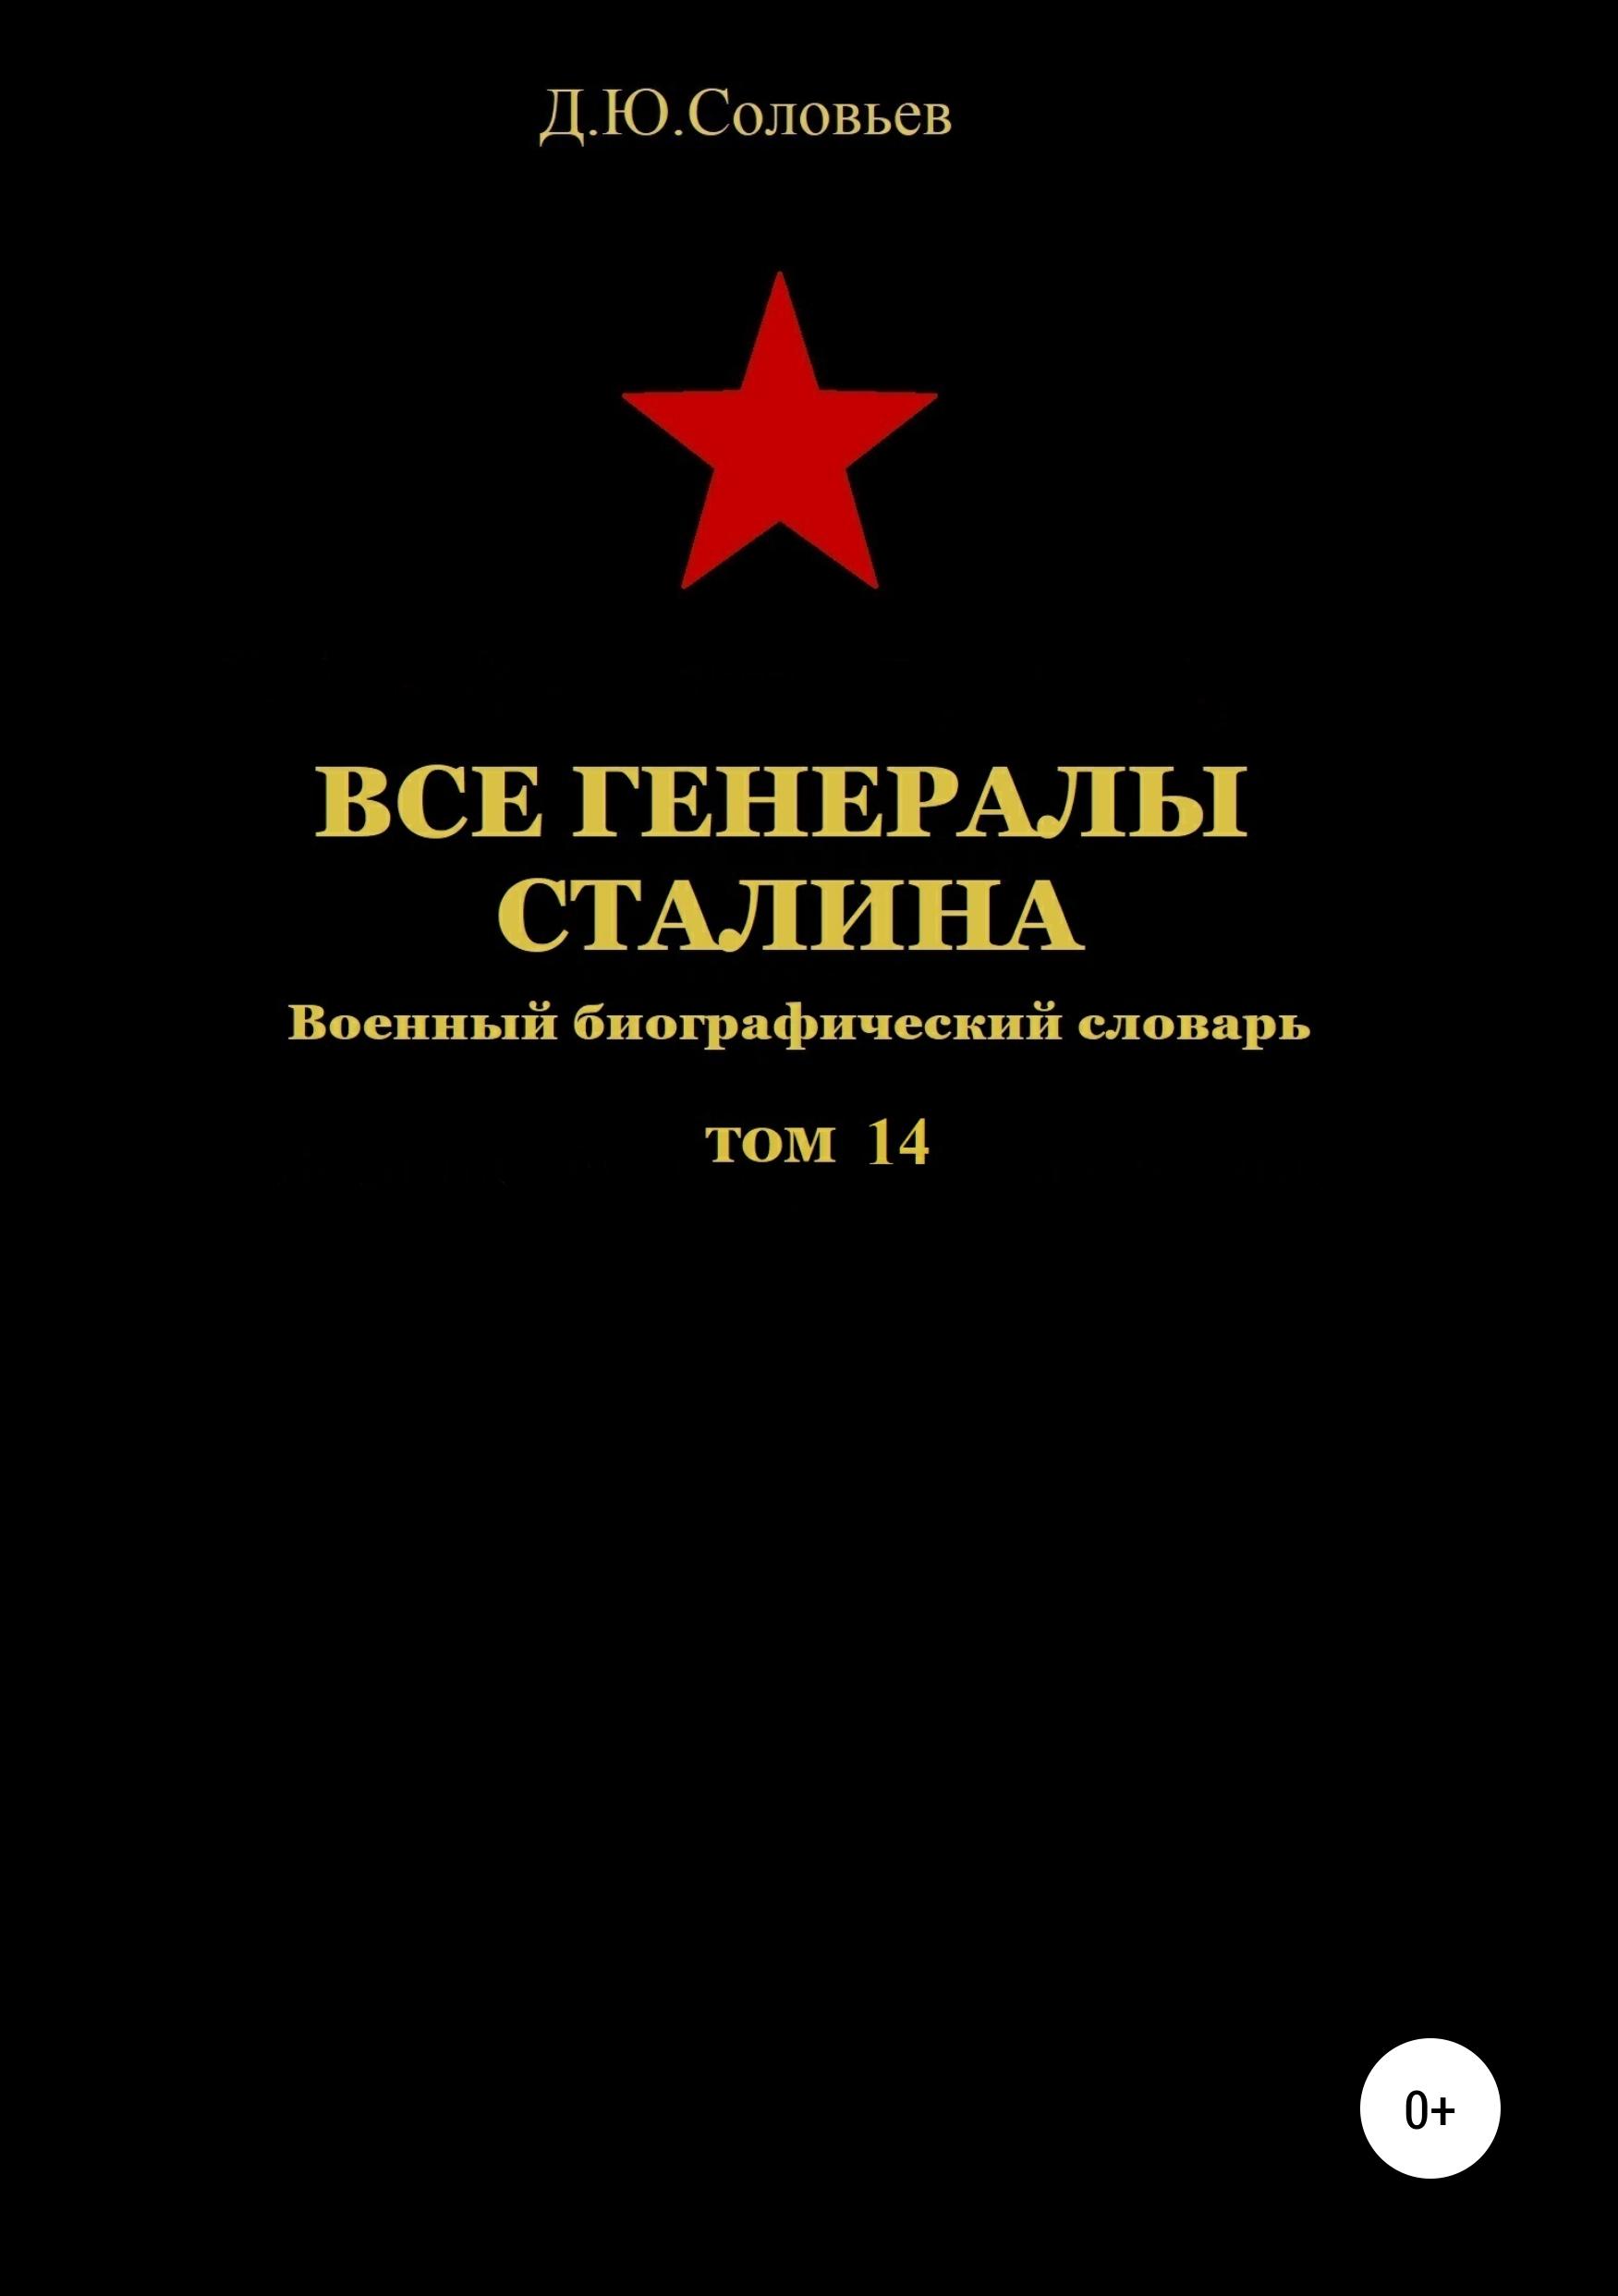 Все генералы Сталина. Том 14